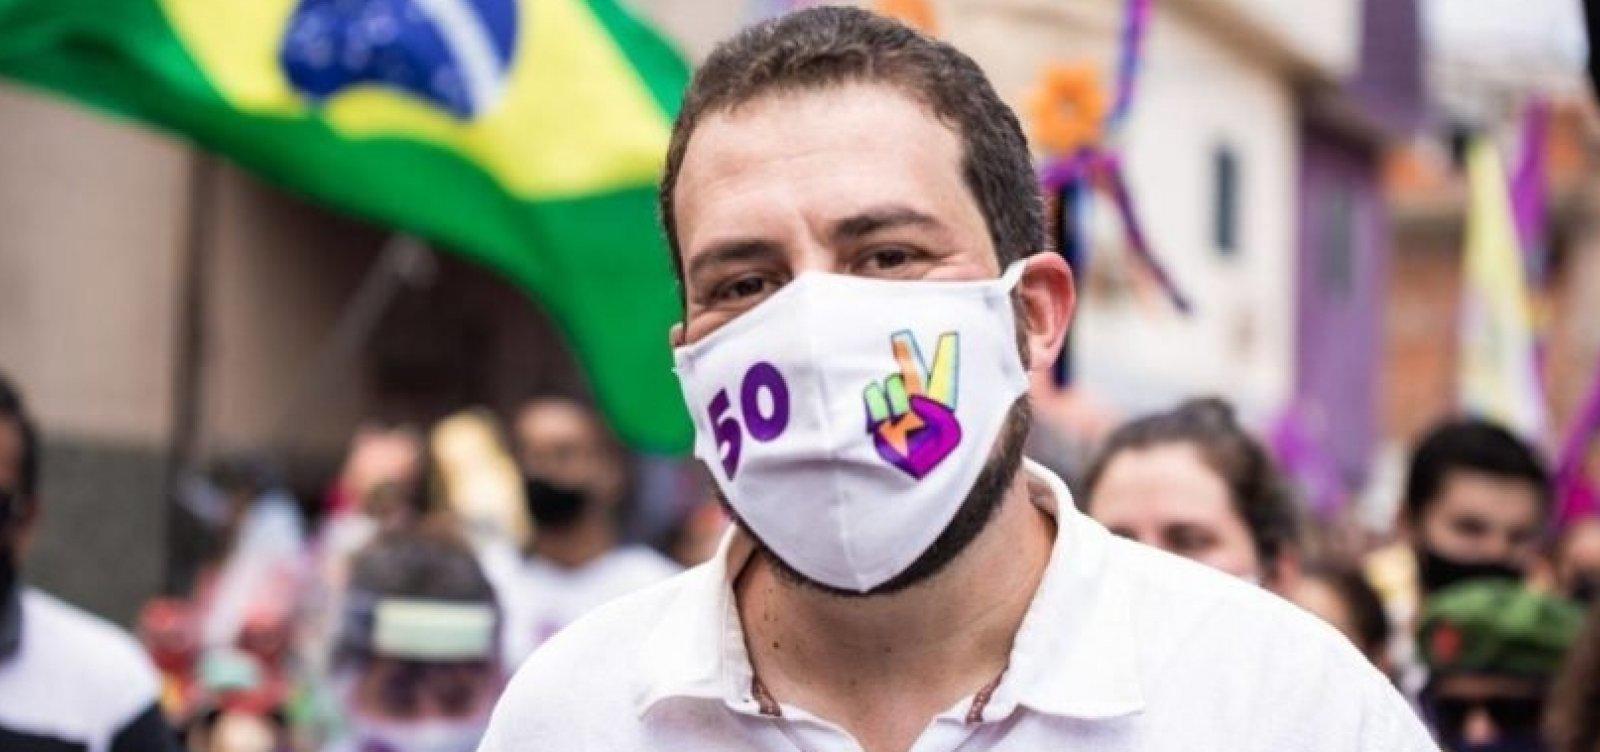 [Candidato à Prefeitura de São Paulo, Boulos é diagnosticado com Covid-19 ]